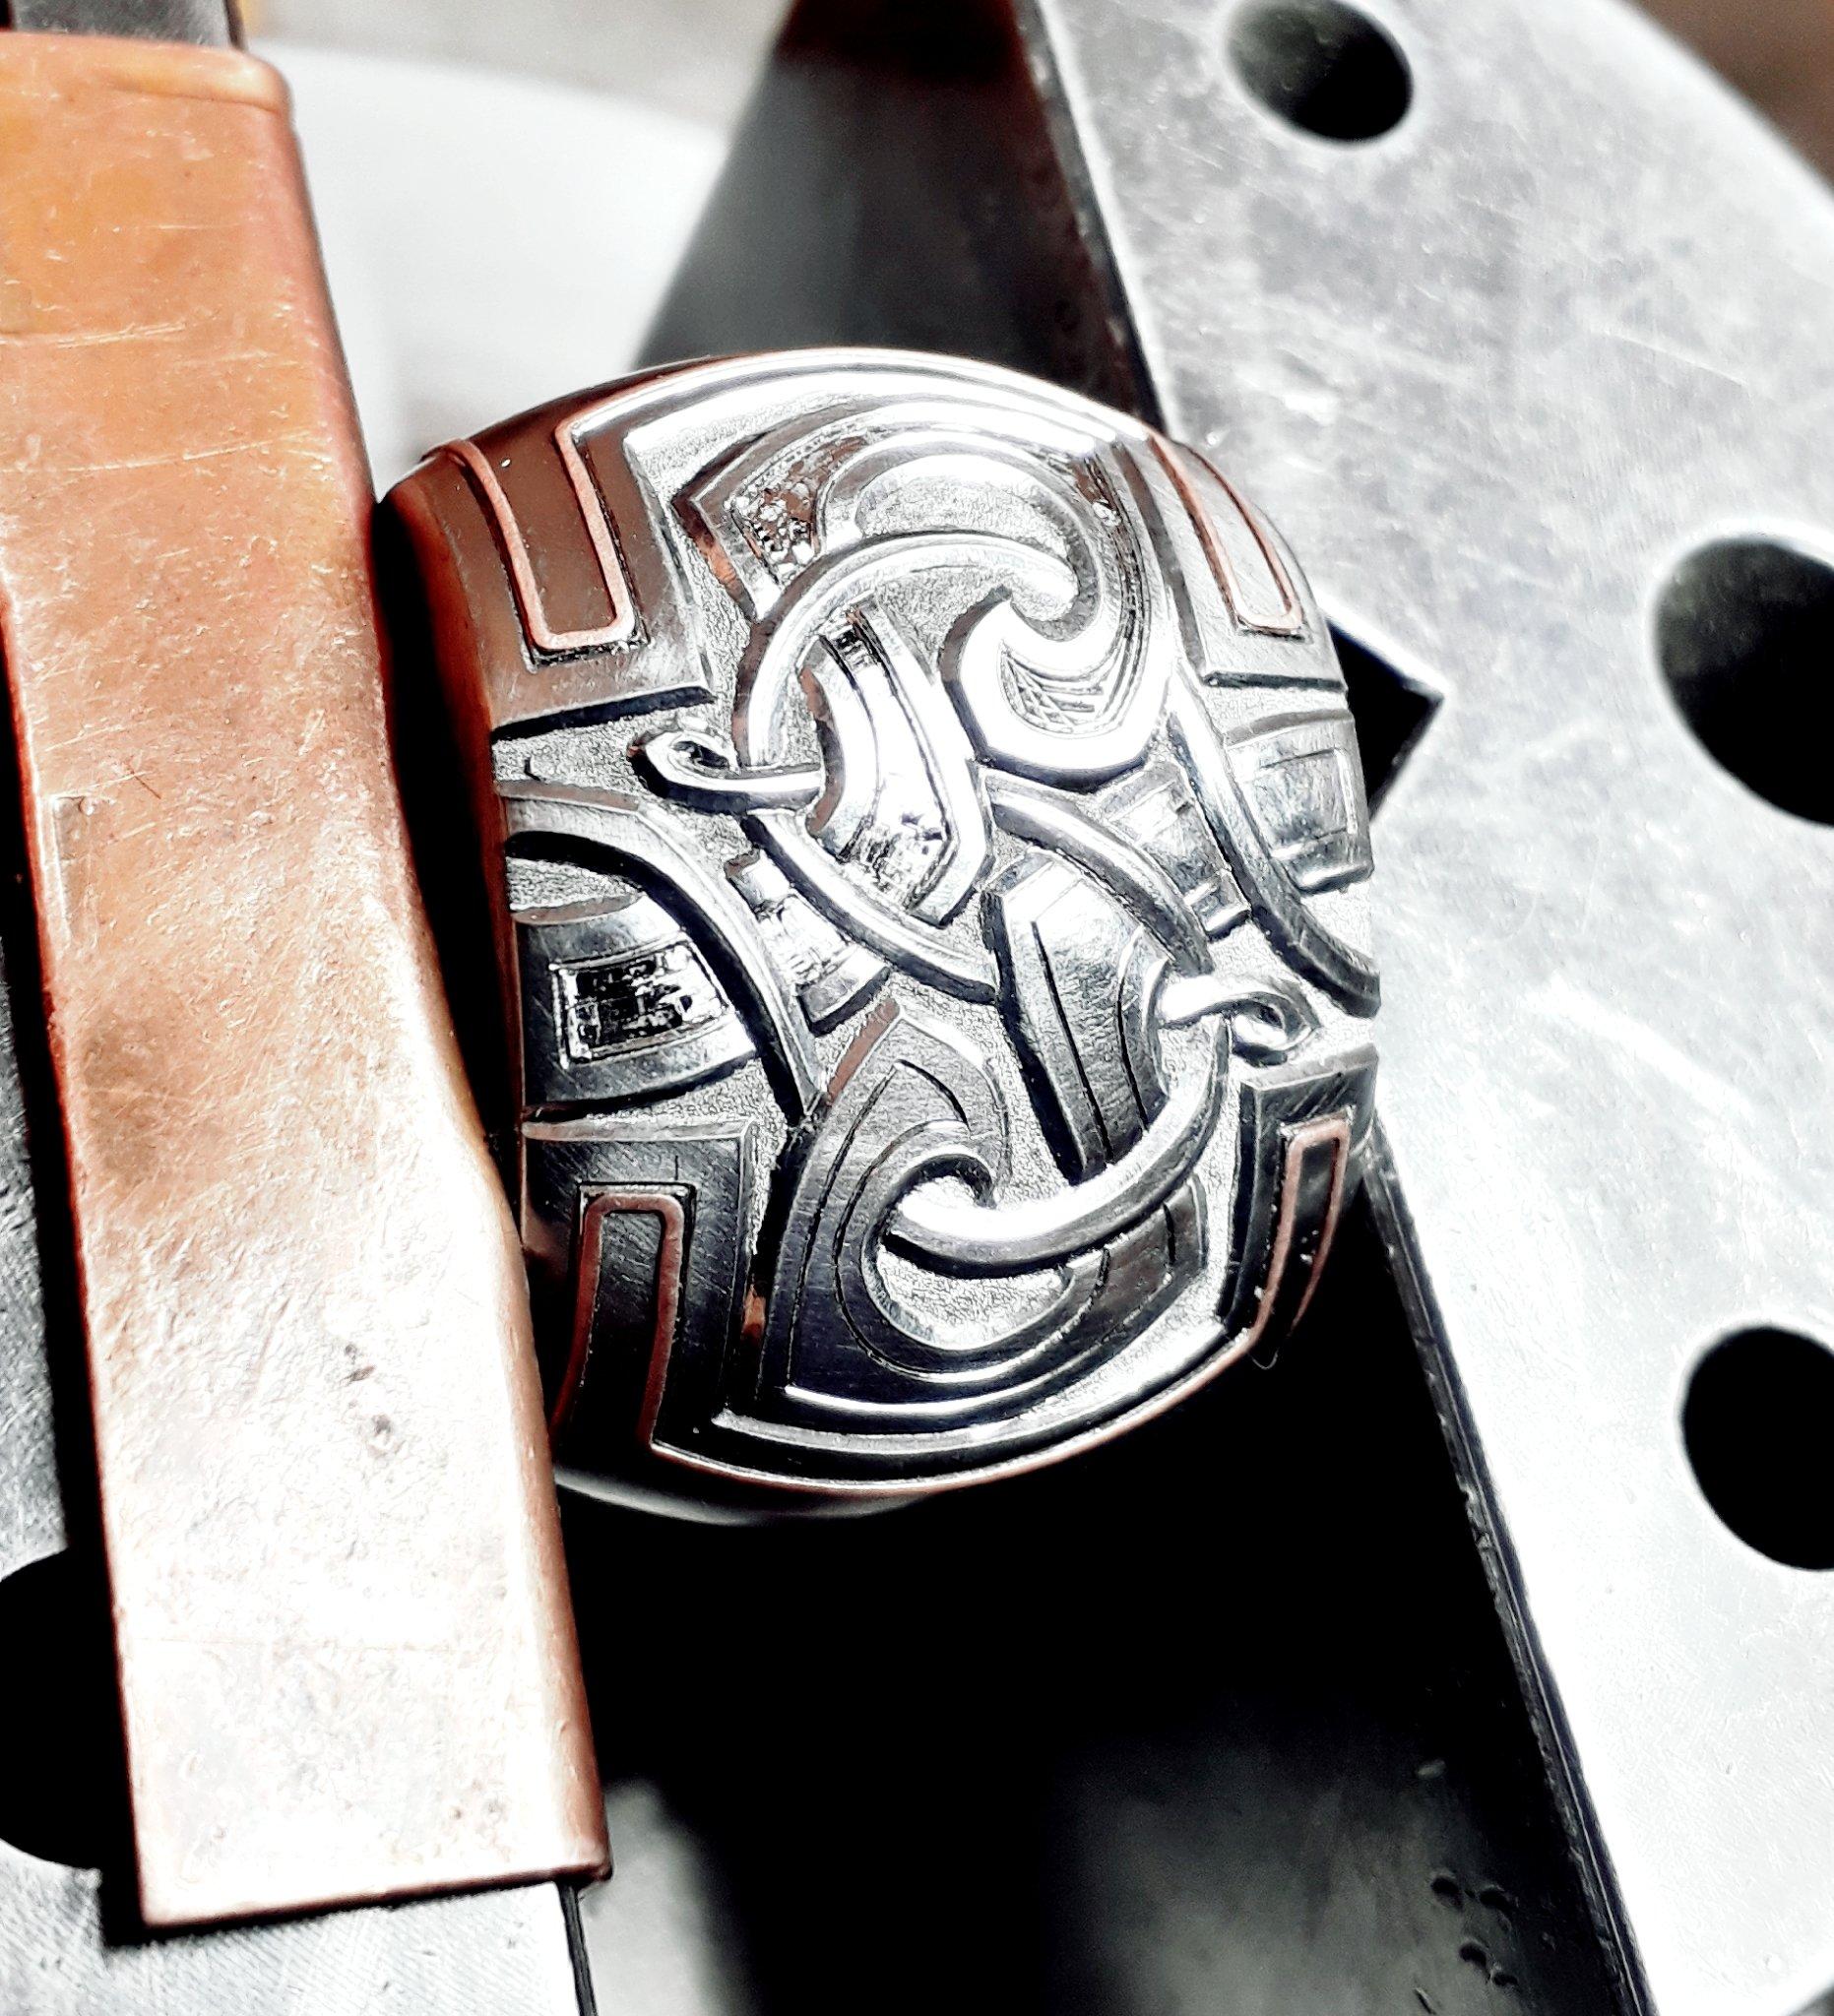 Preparing copper inlays